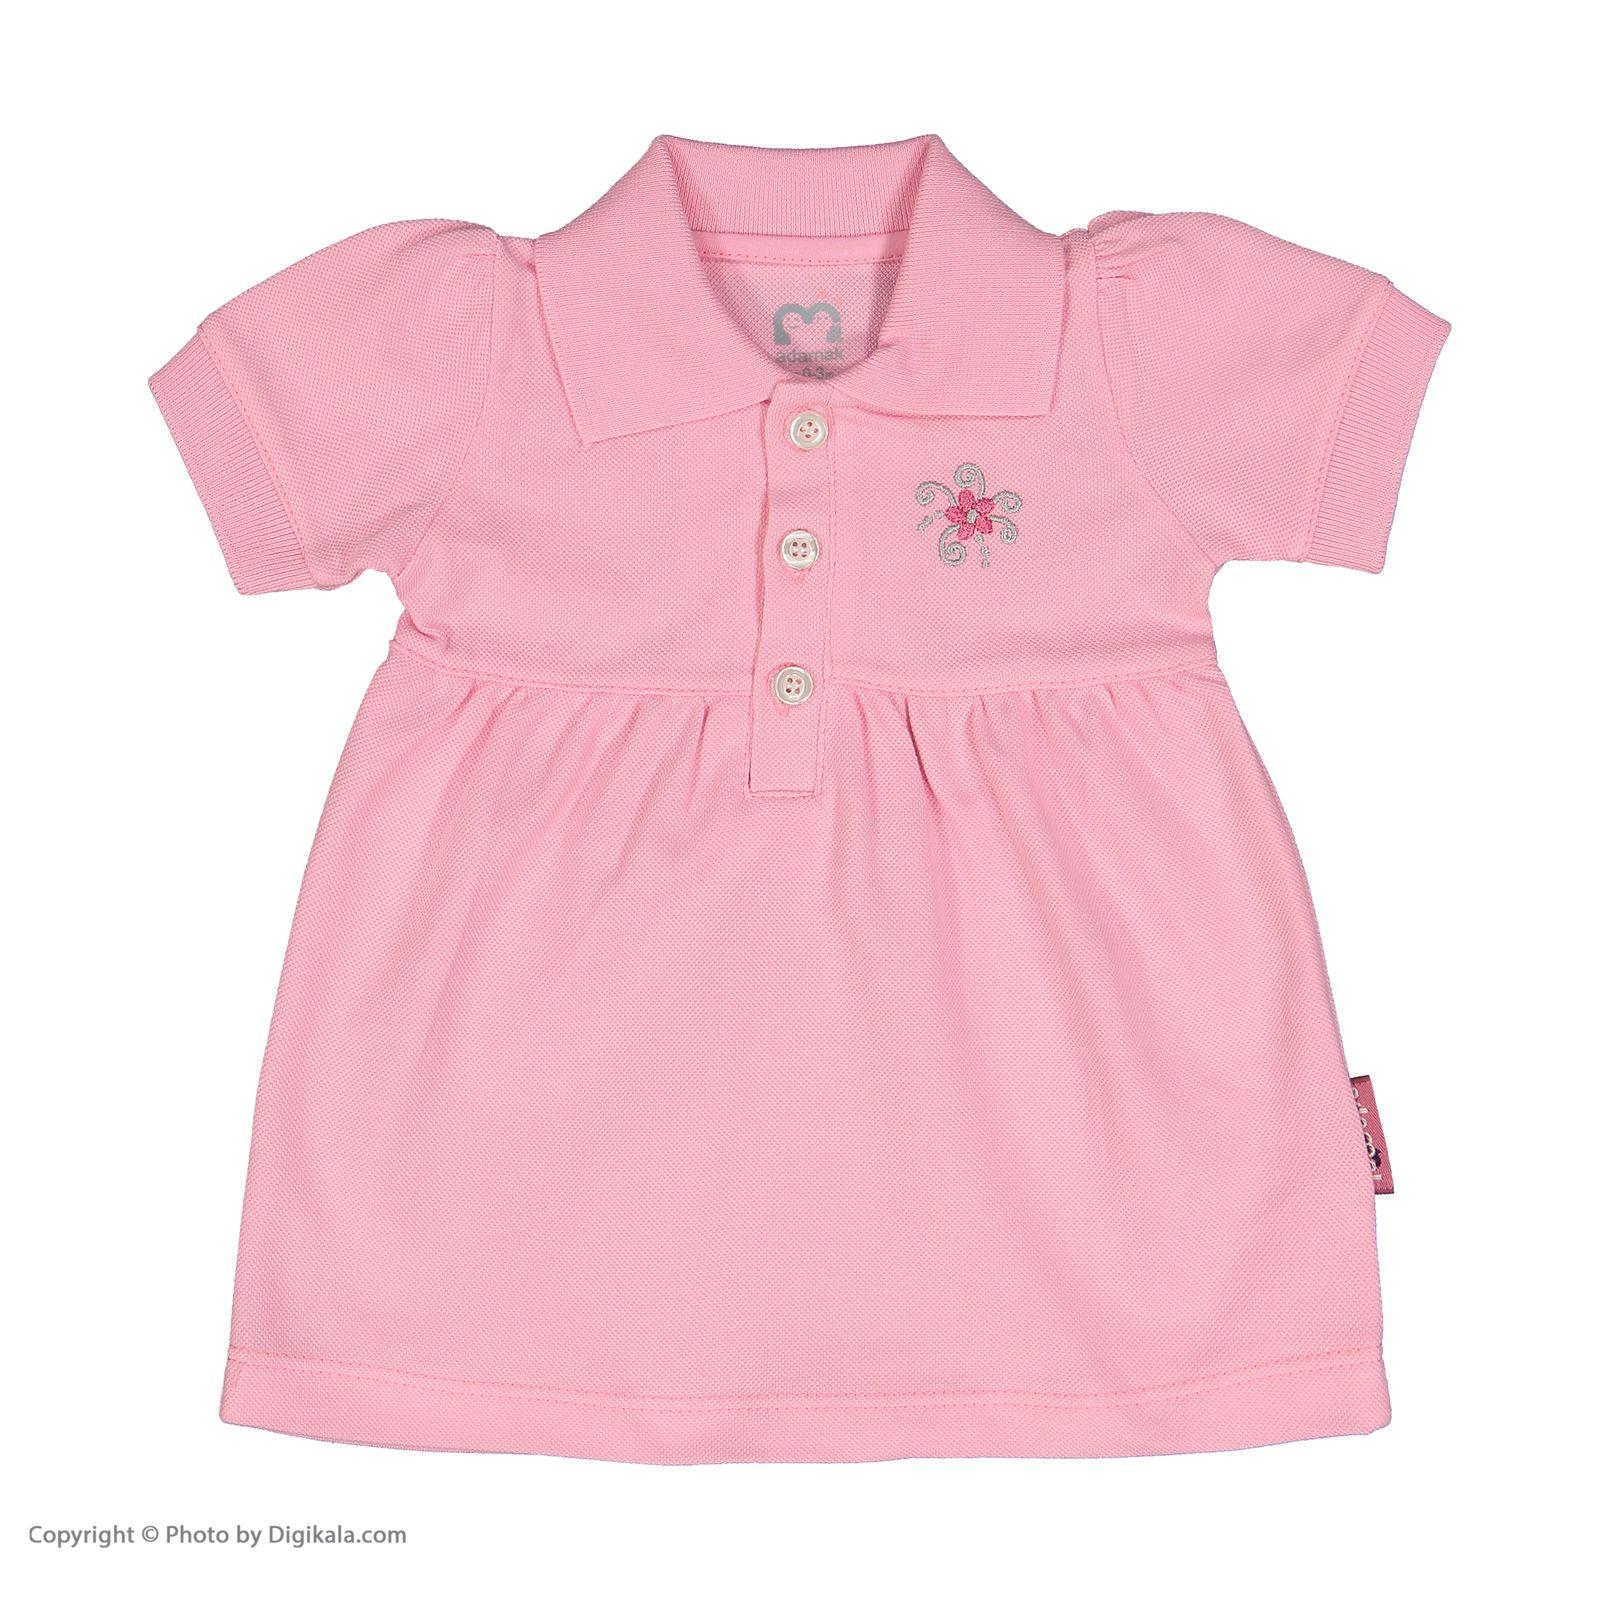 ست پیراهن و شلوارک نوزادی دخترانه آدمک مدل 2171109-84 -  - 4